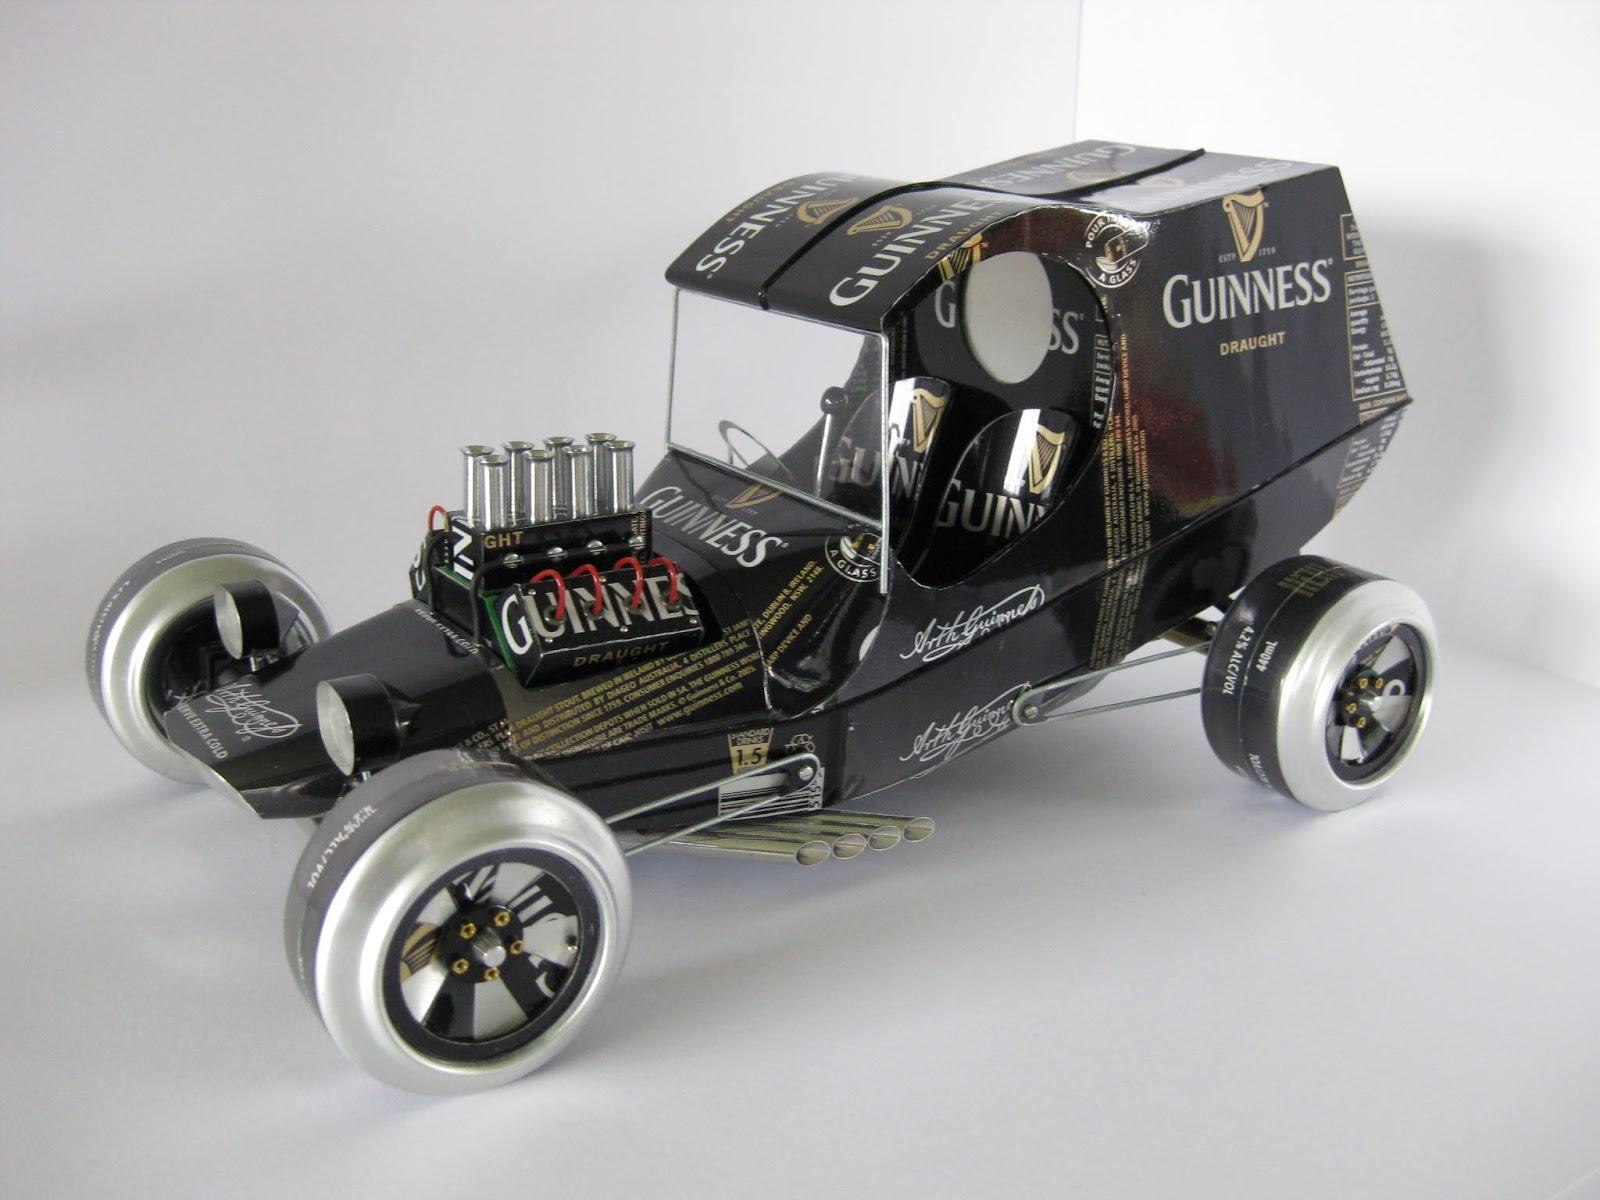 Autos de coleccion a partir de latas de aluminio | .